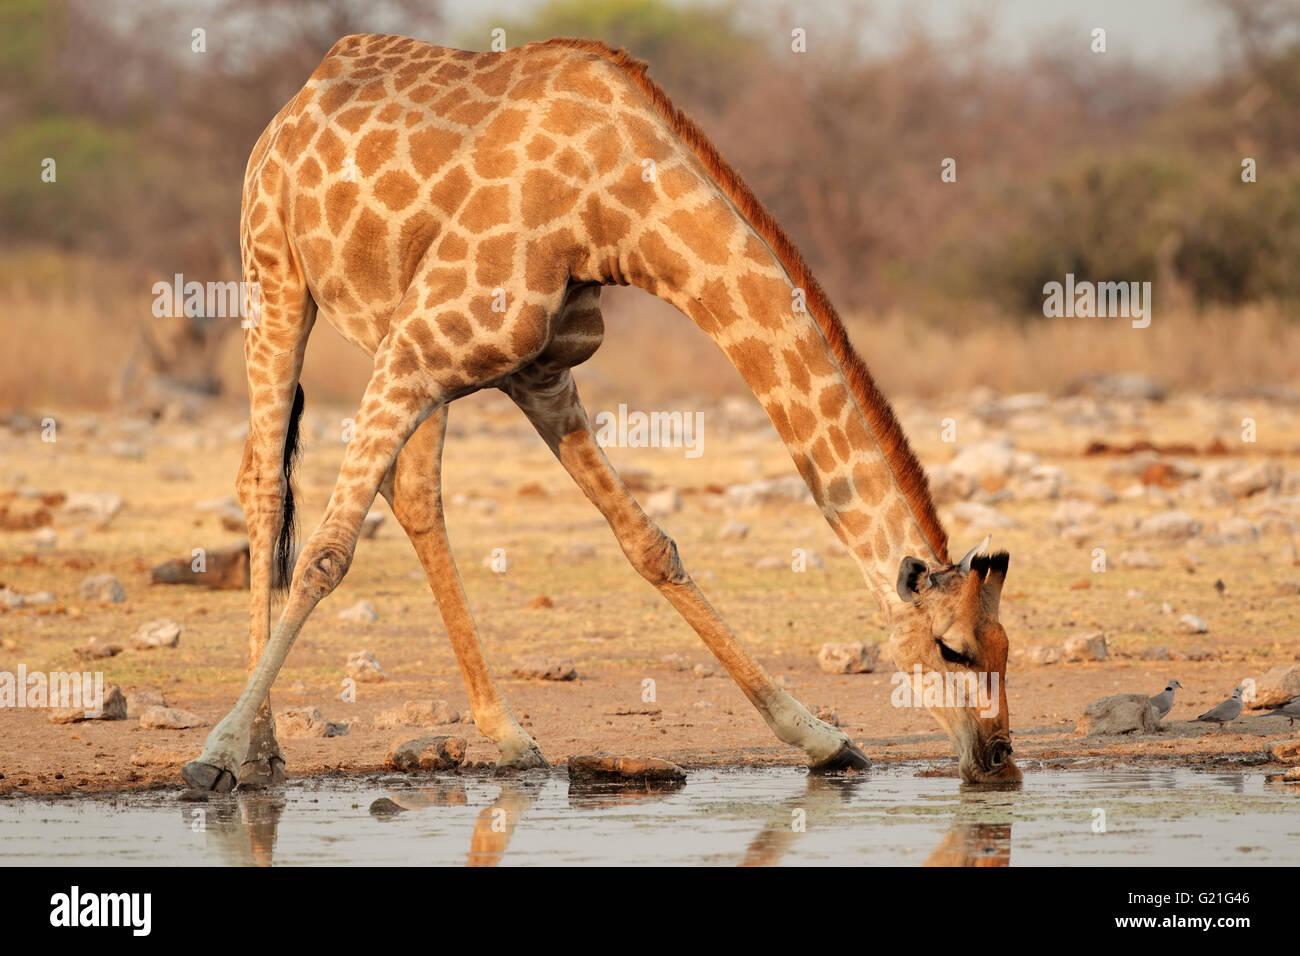 Giraffe (Giraffa camelopardalis) acqua potabile, il Parco Nazionale di Etosha, Namibia Immagini Stock